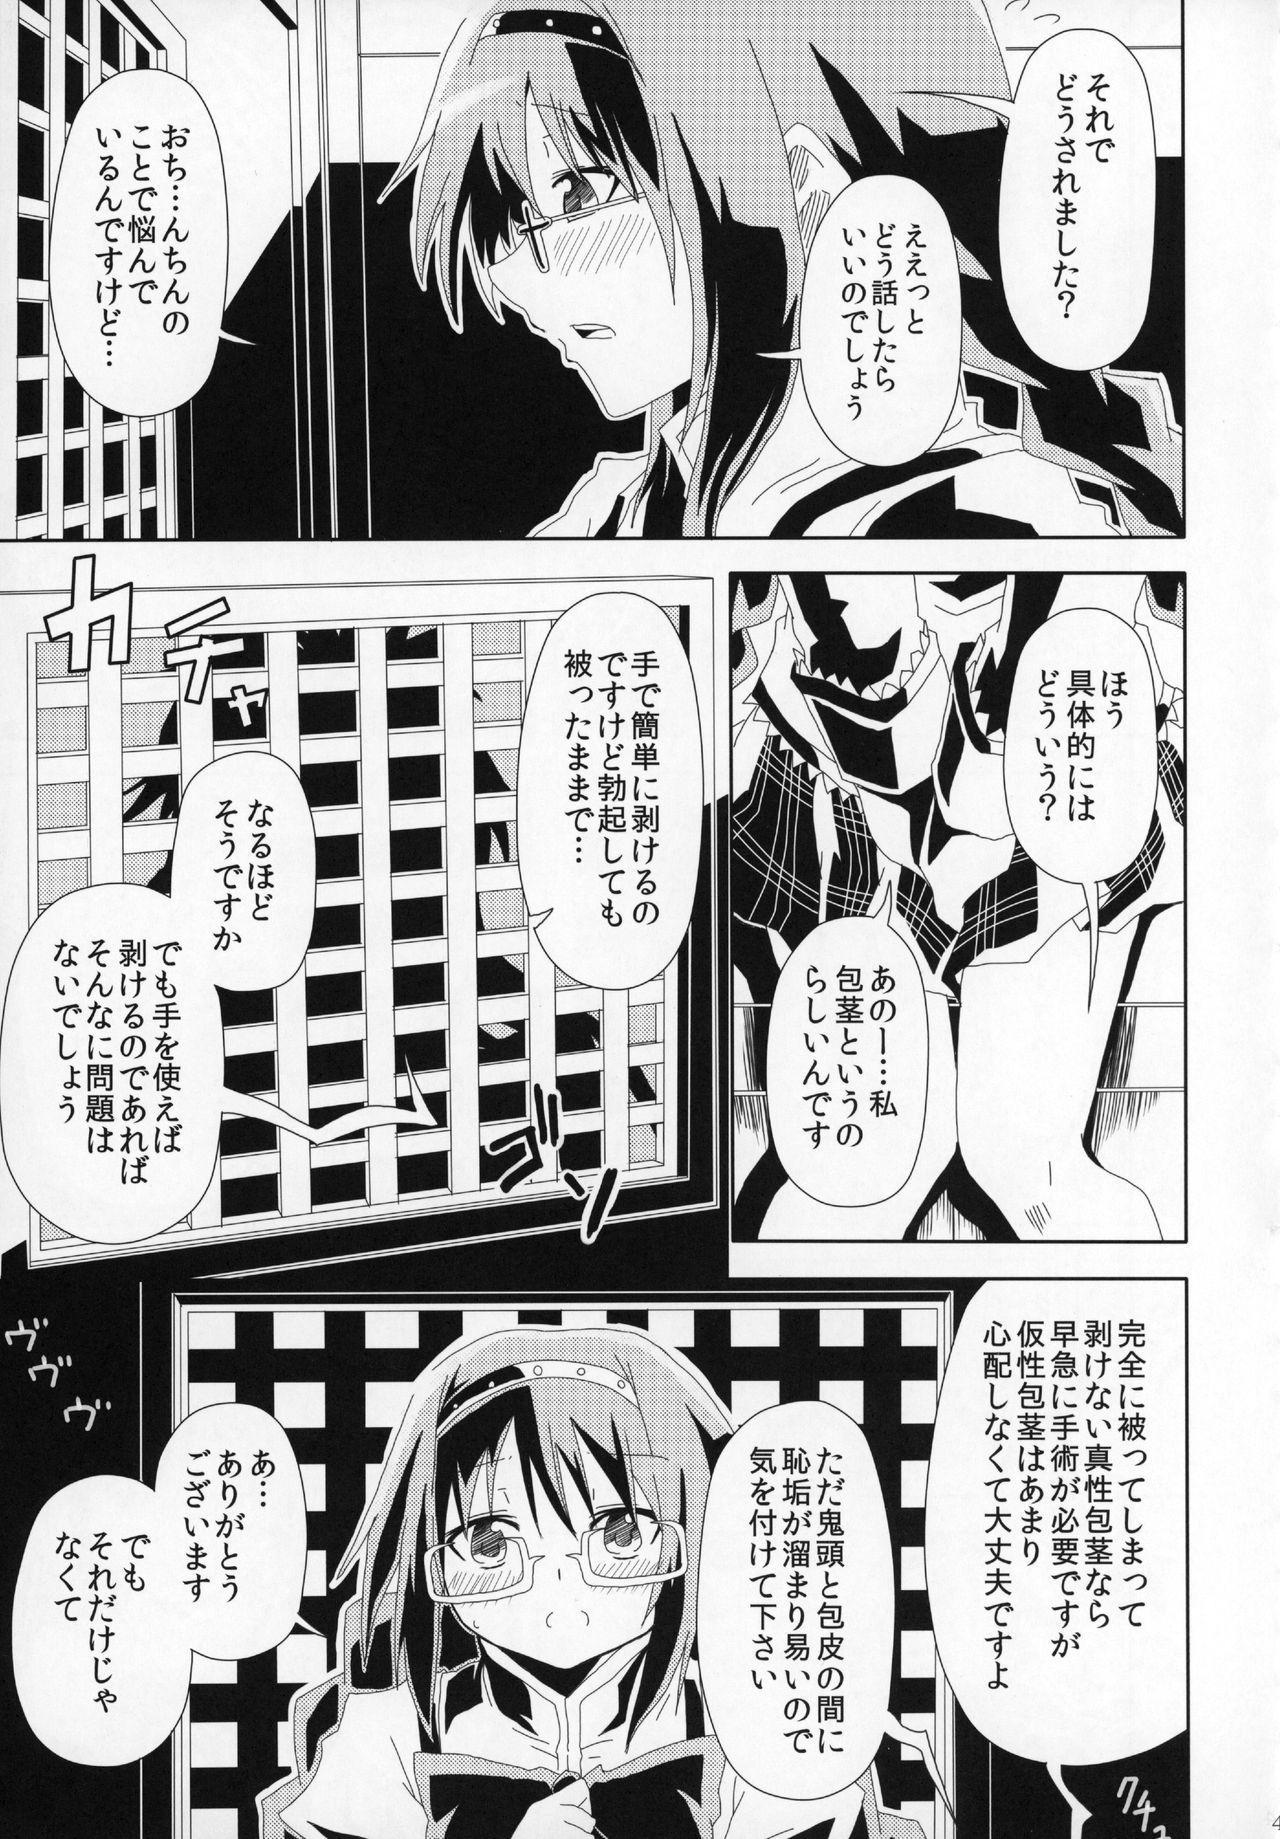 Futanari Chinko ni Onayami no Aru Mahou Shoujo Goudoushi Sono Emono, Mondai Ari desu 43